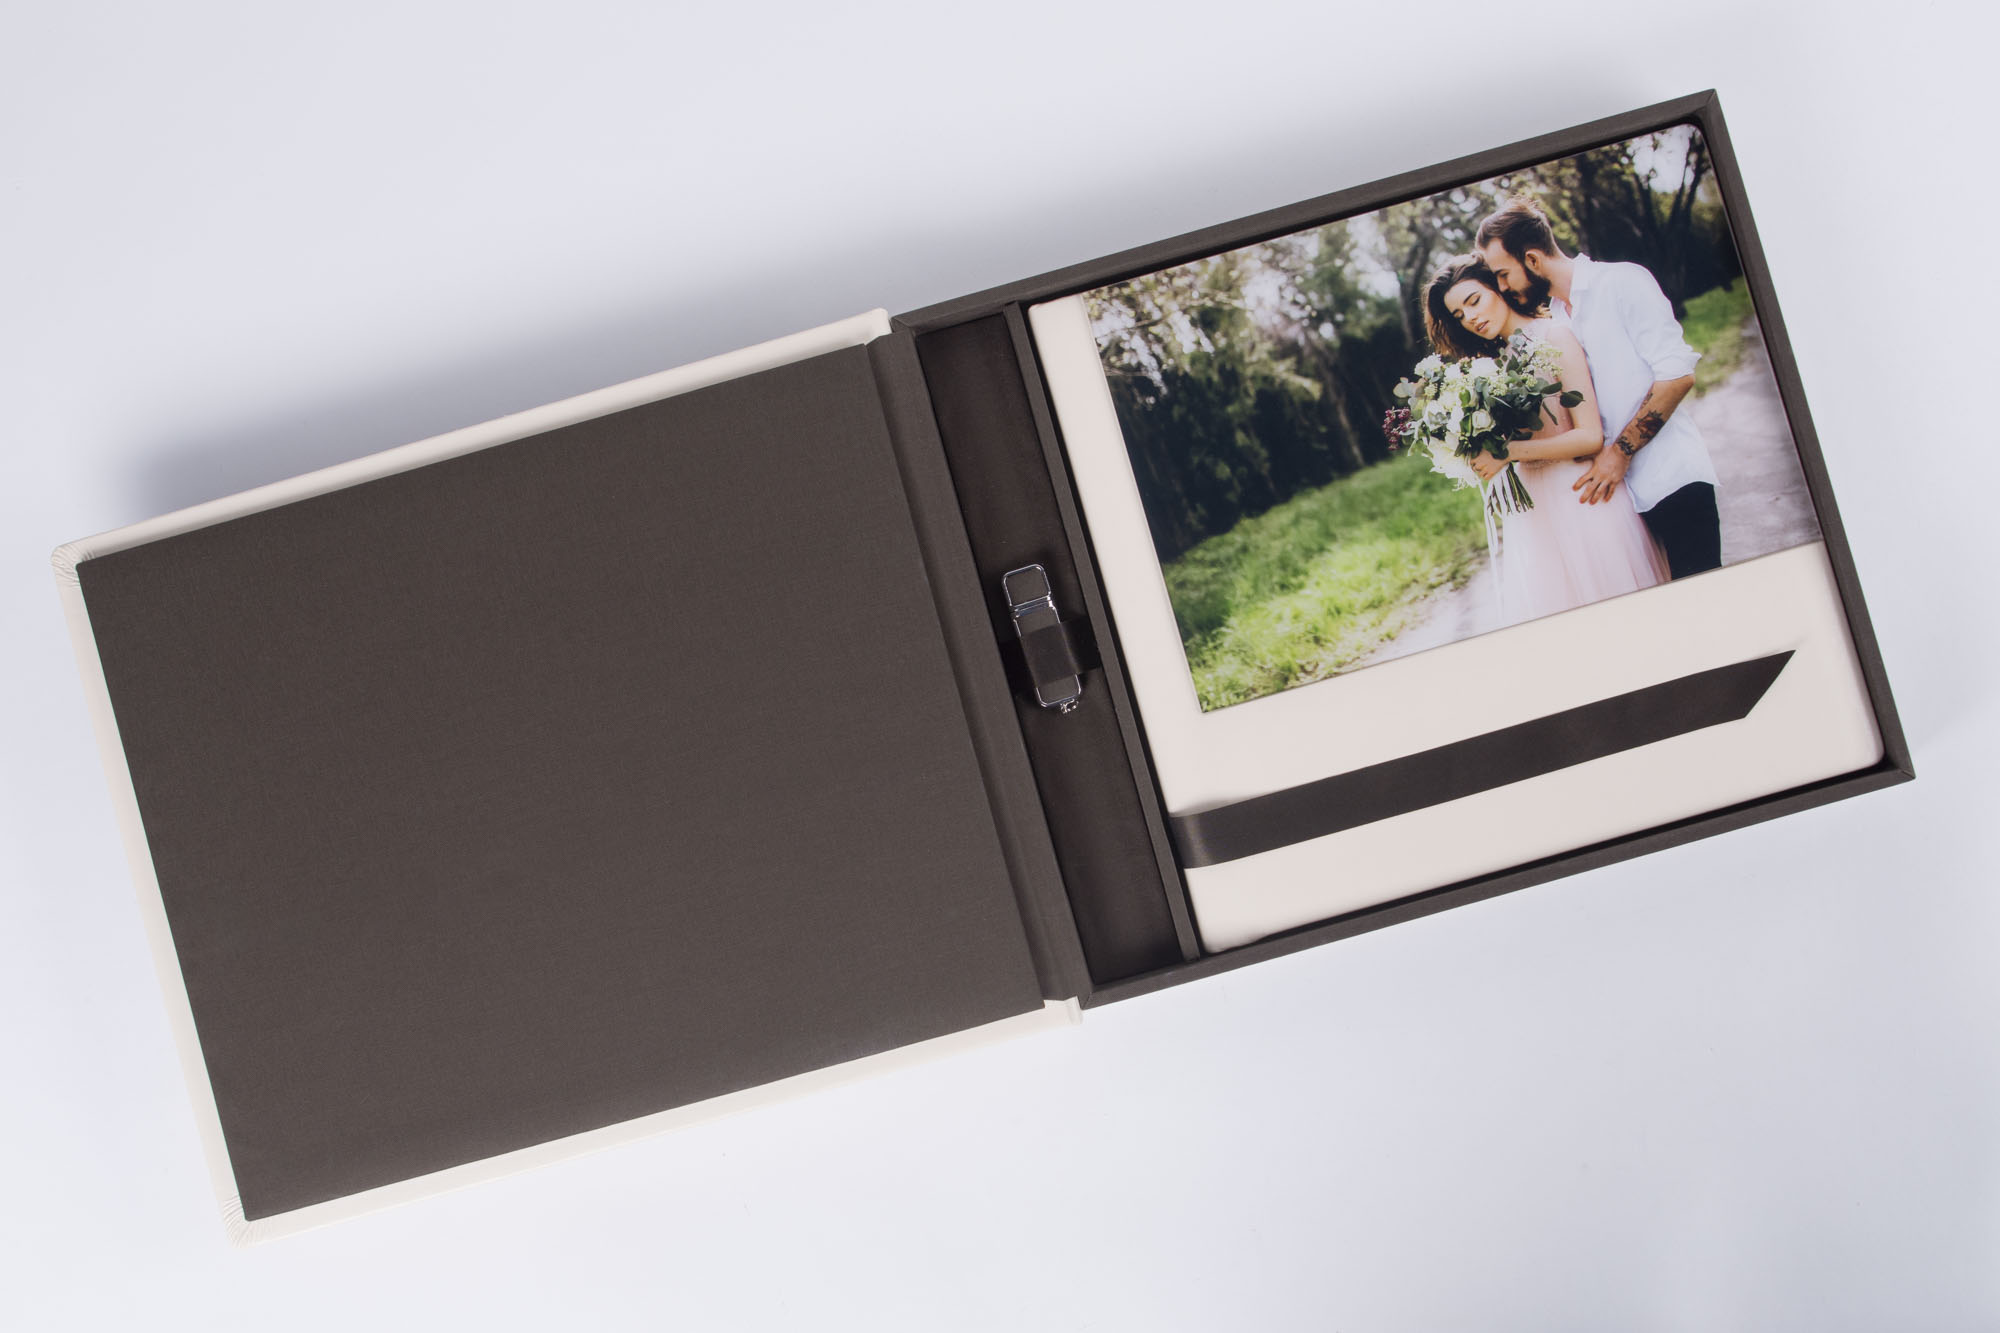 Eine handgefertigte Aufbewahrungsbox zum Schutz eures Hochzeitsalbums